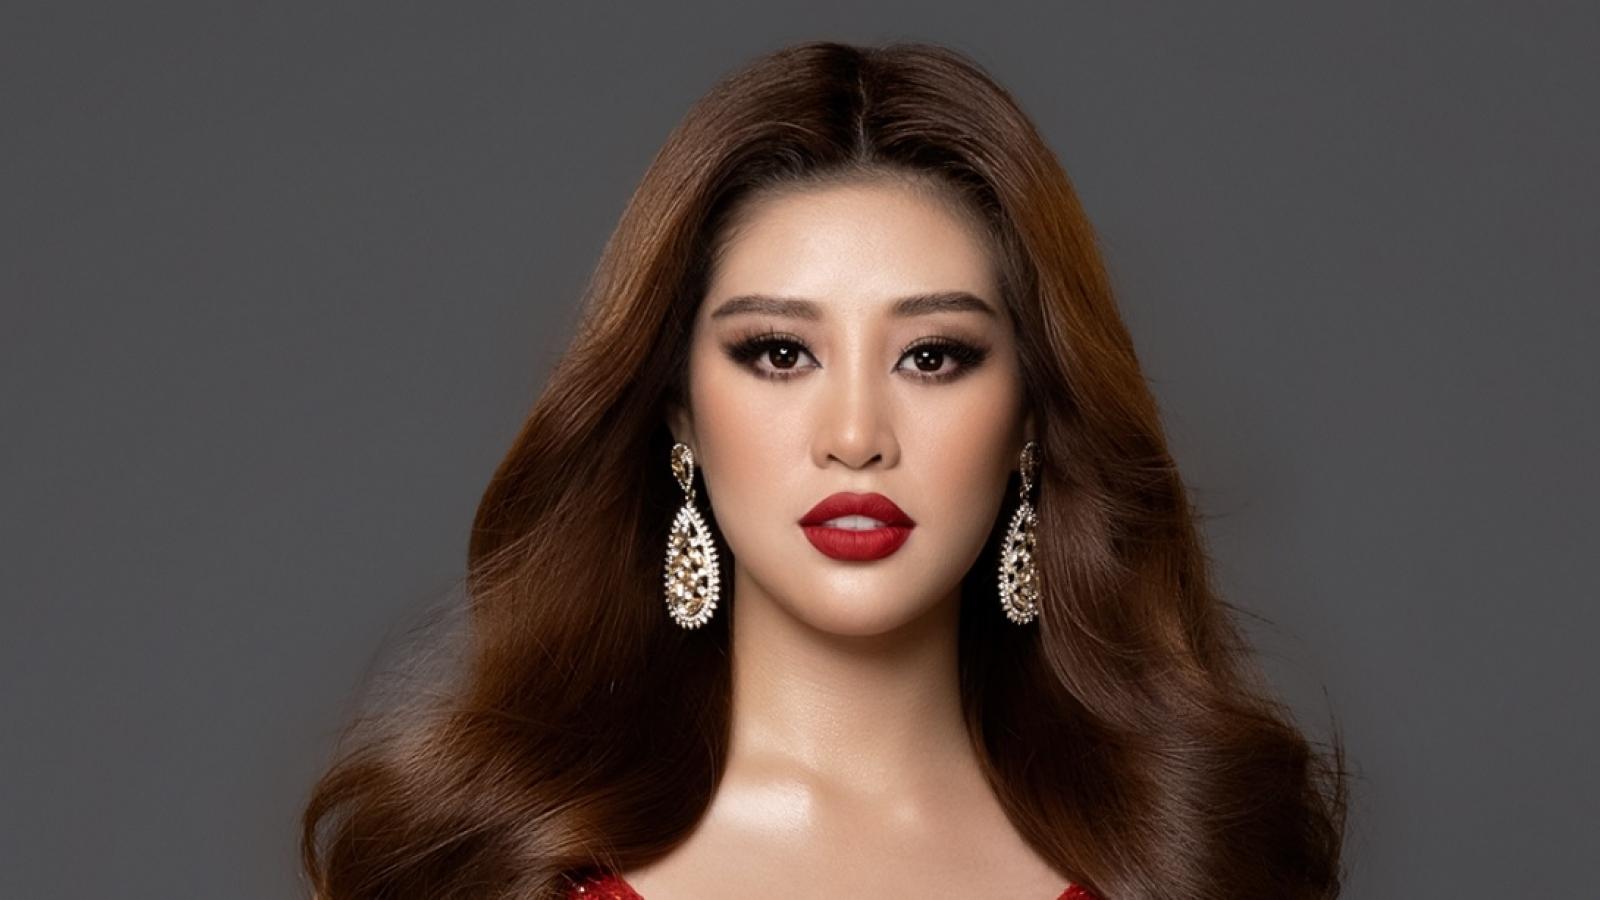 Missosology đánh giá Khánh Vân đứng thứ 21 trong bảng xếp hạng Miss Universe